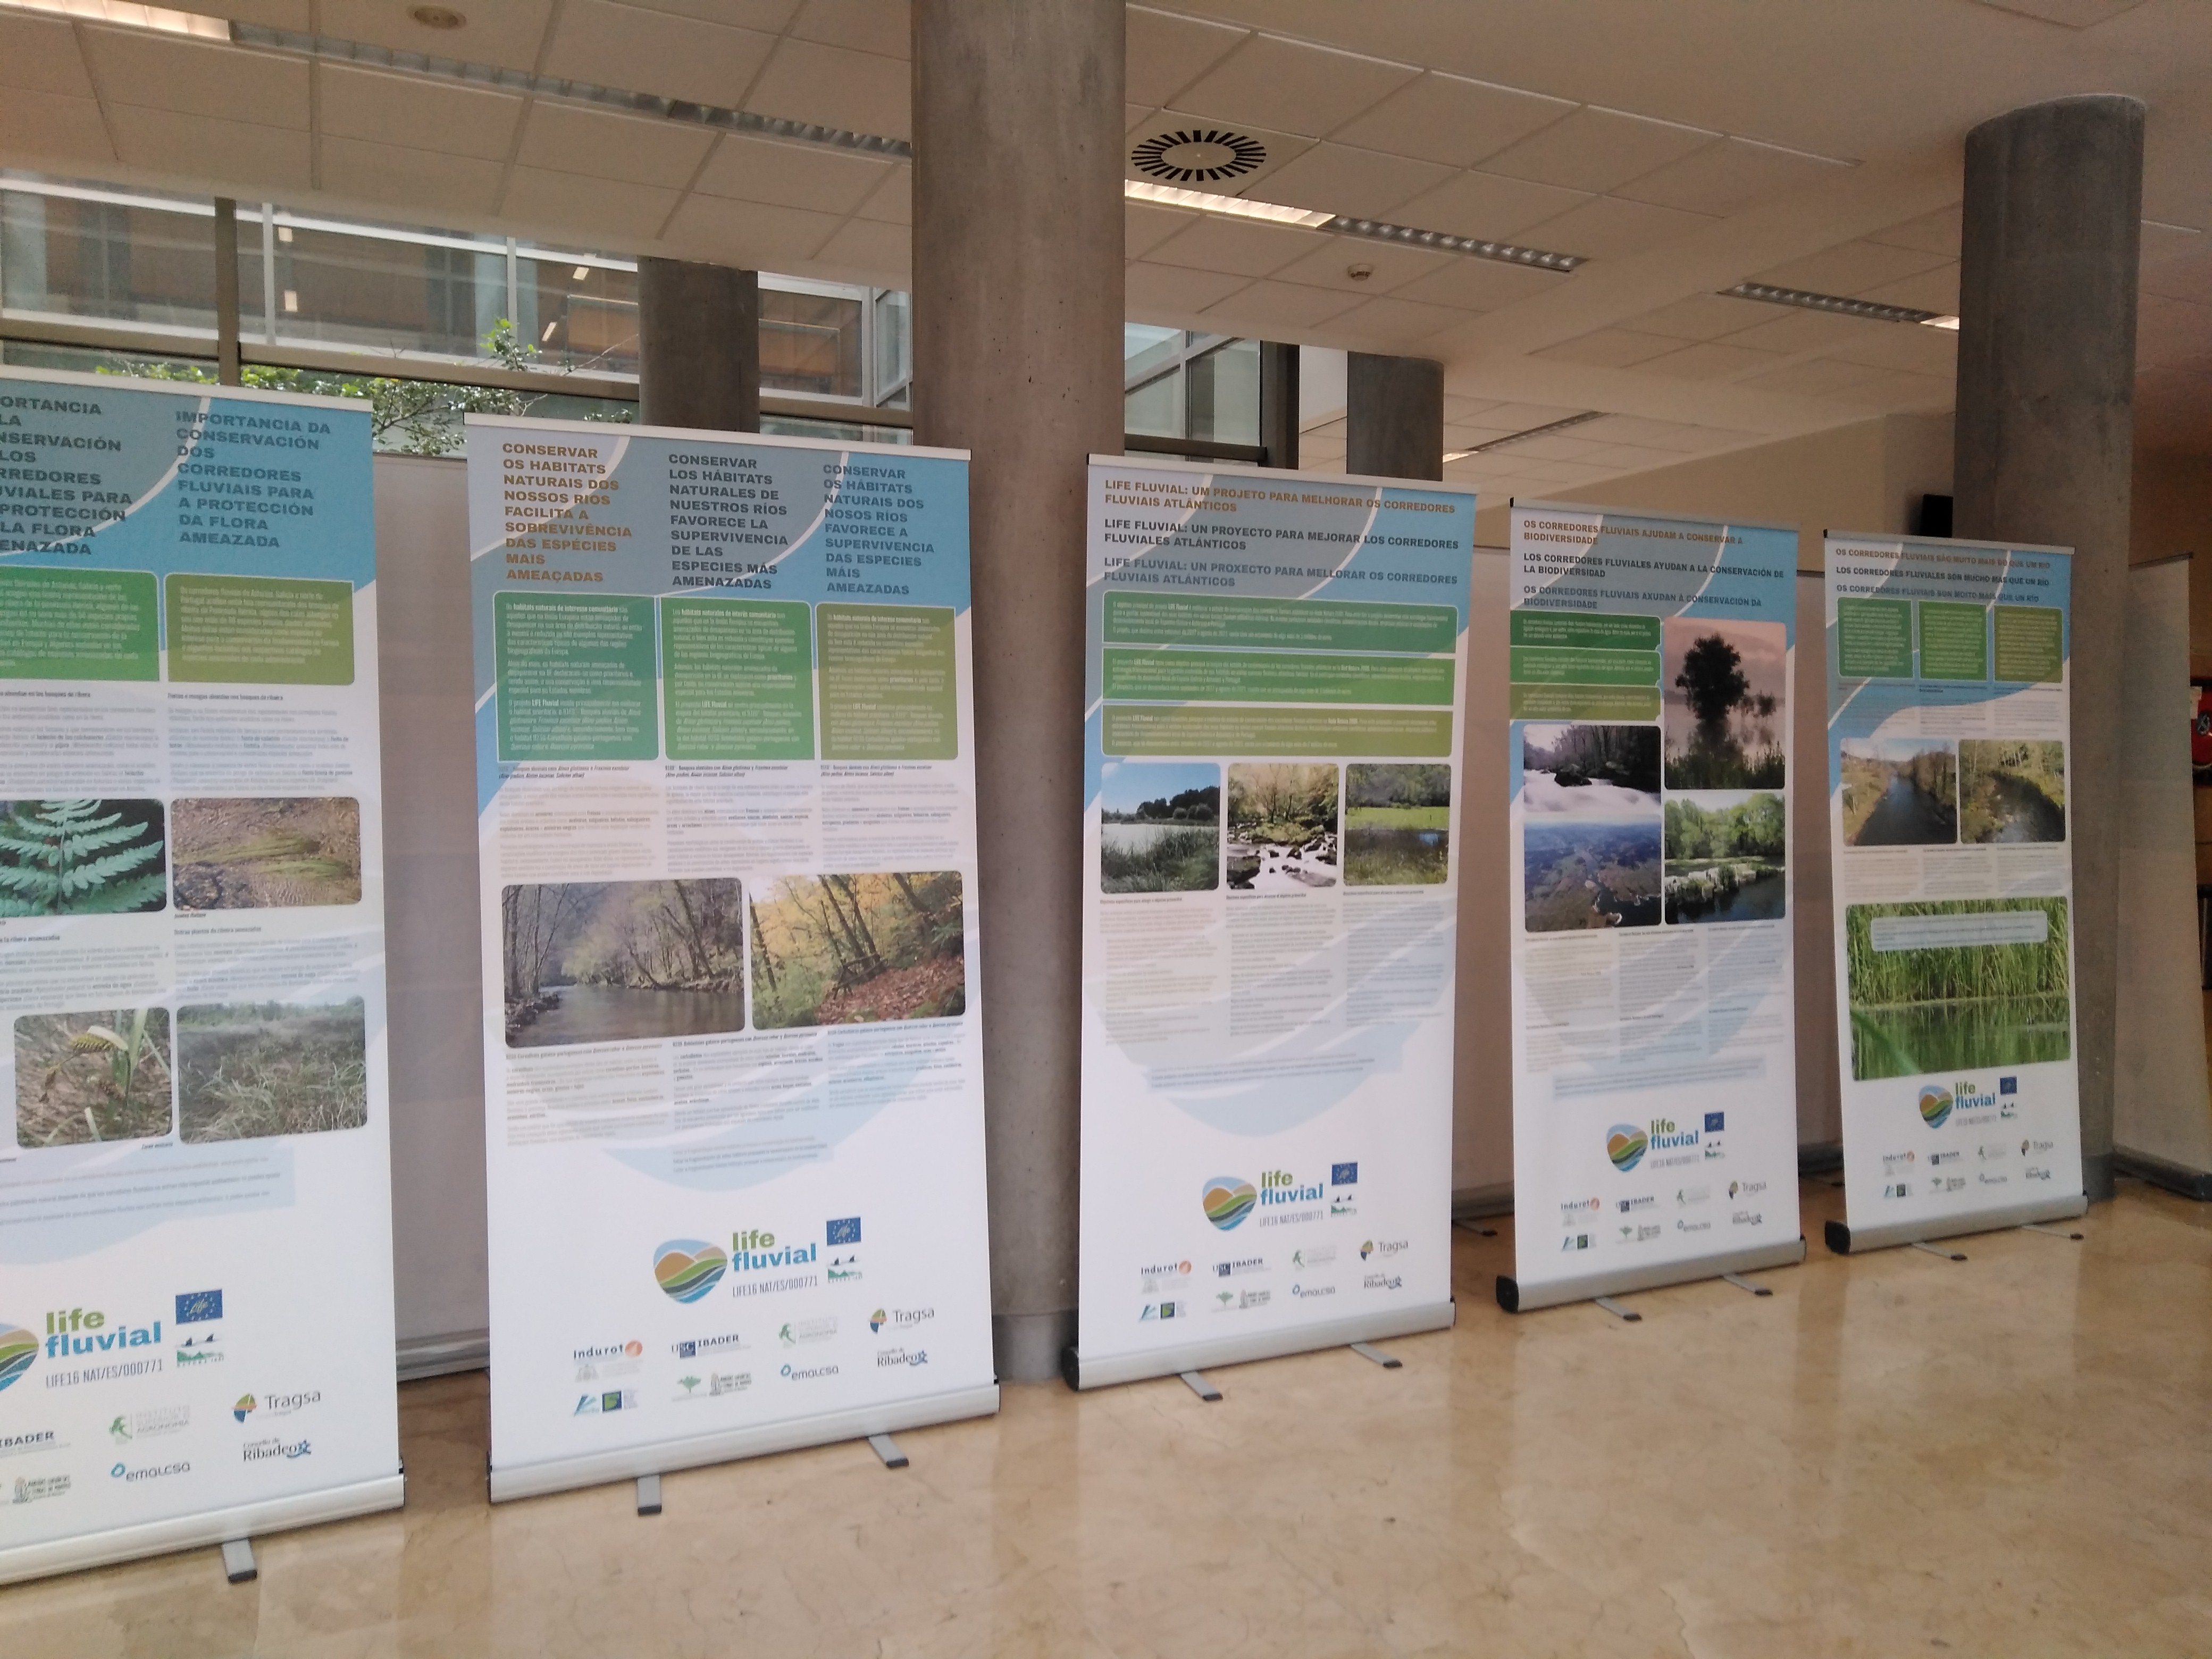 Exposición Itinerante del proyecto Life Fluvial en el campus de Mieres